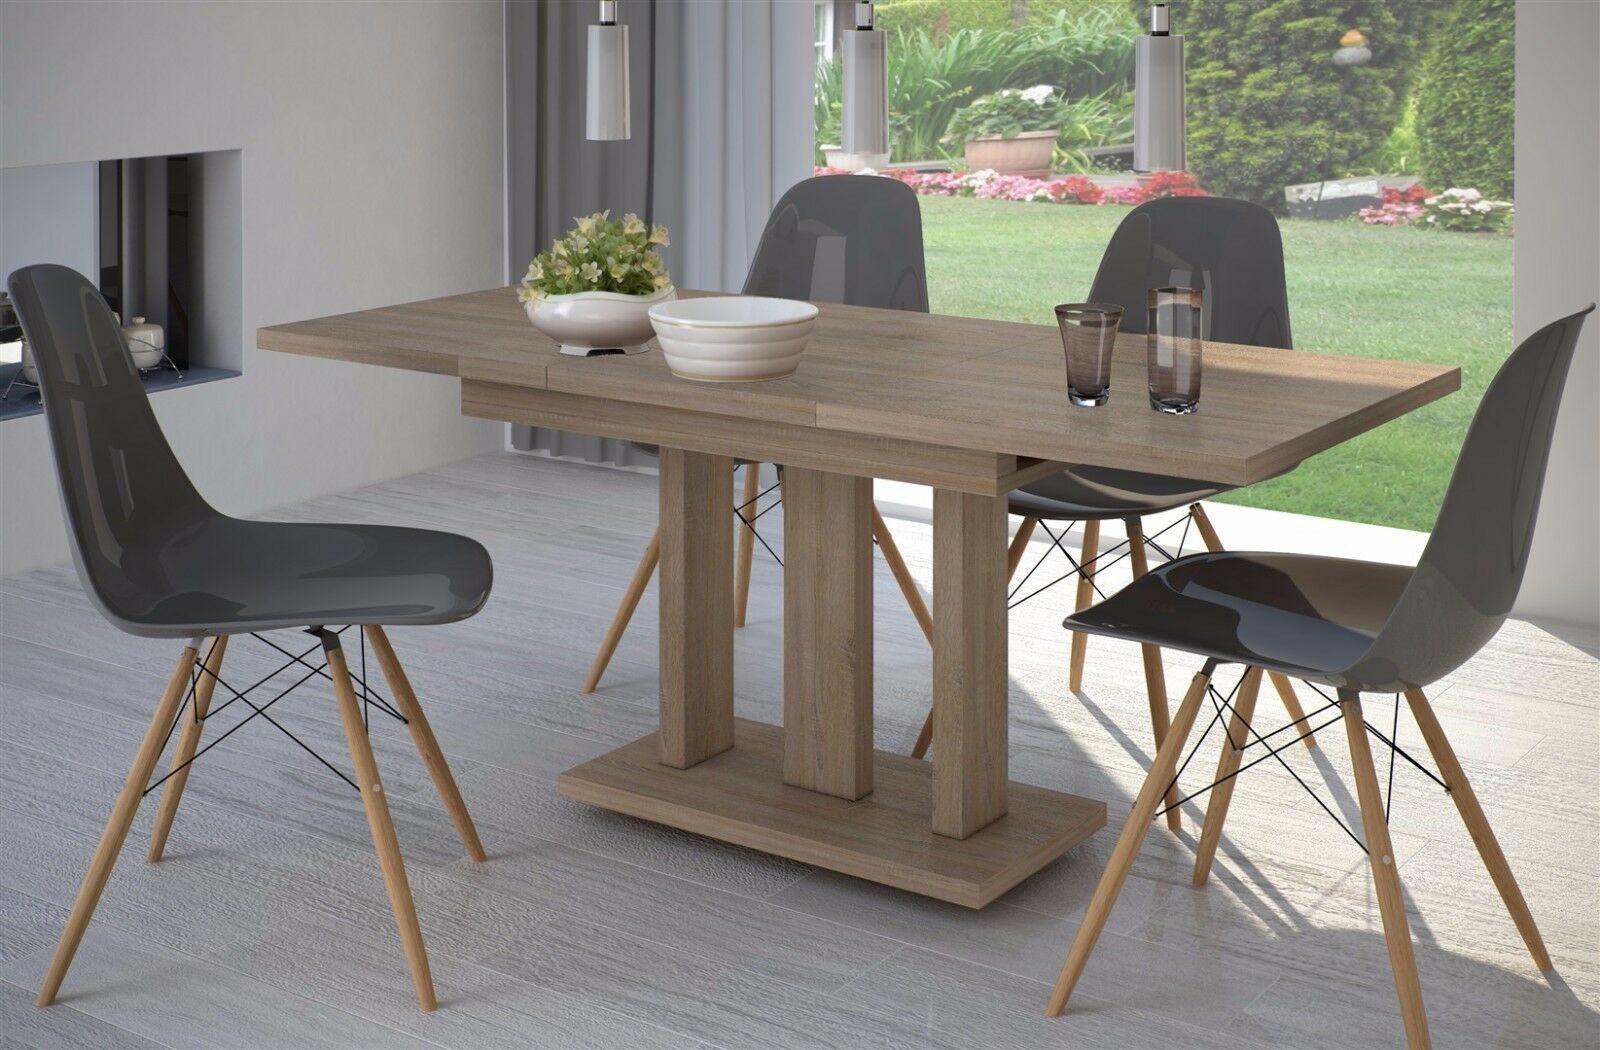 Saulentisch Sonoma Eiche Esstisch Ausziehbar Holz Auszugtisch Modern Design Neu